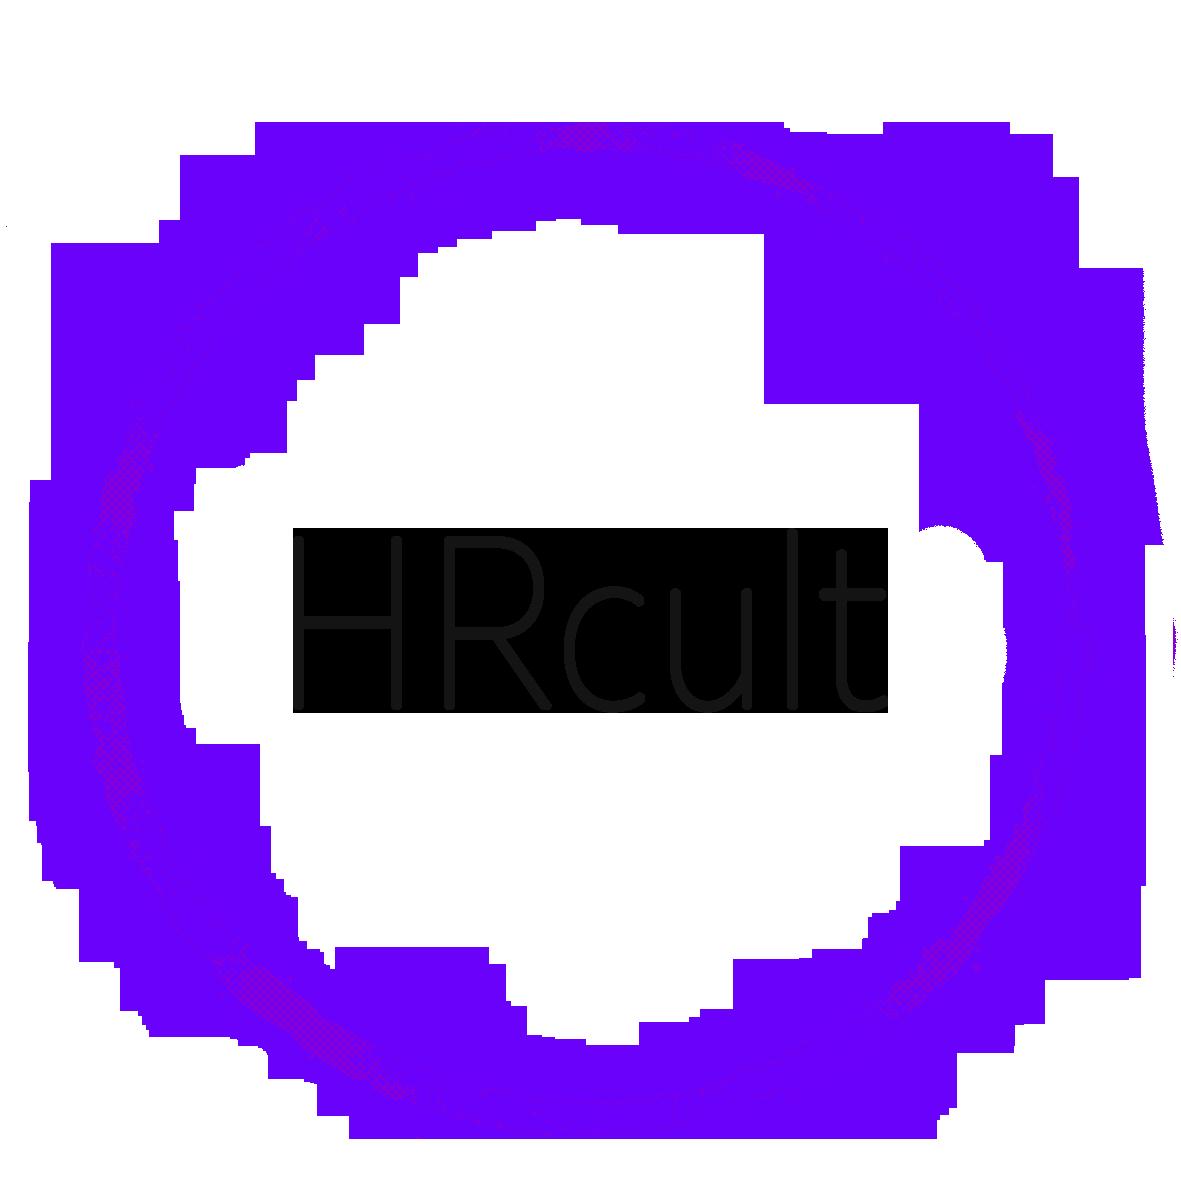 HRcult